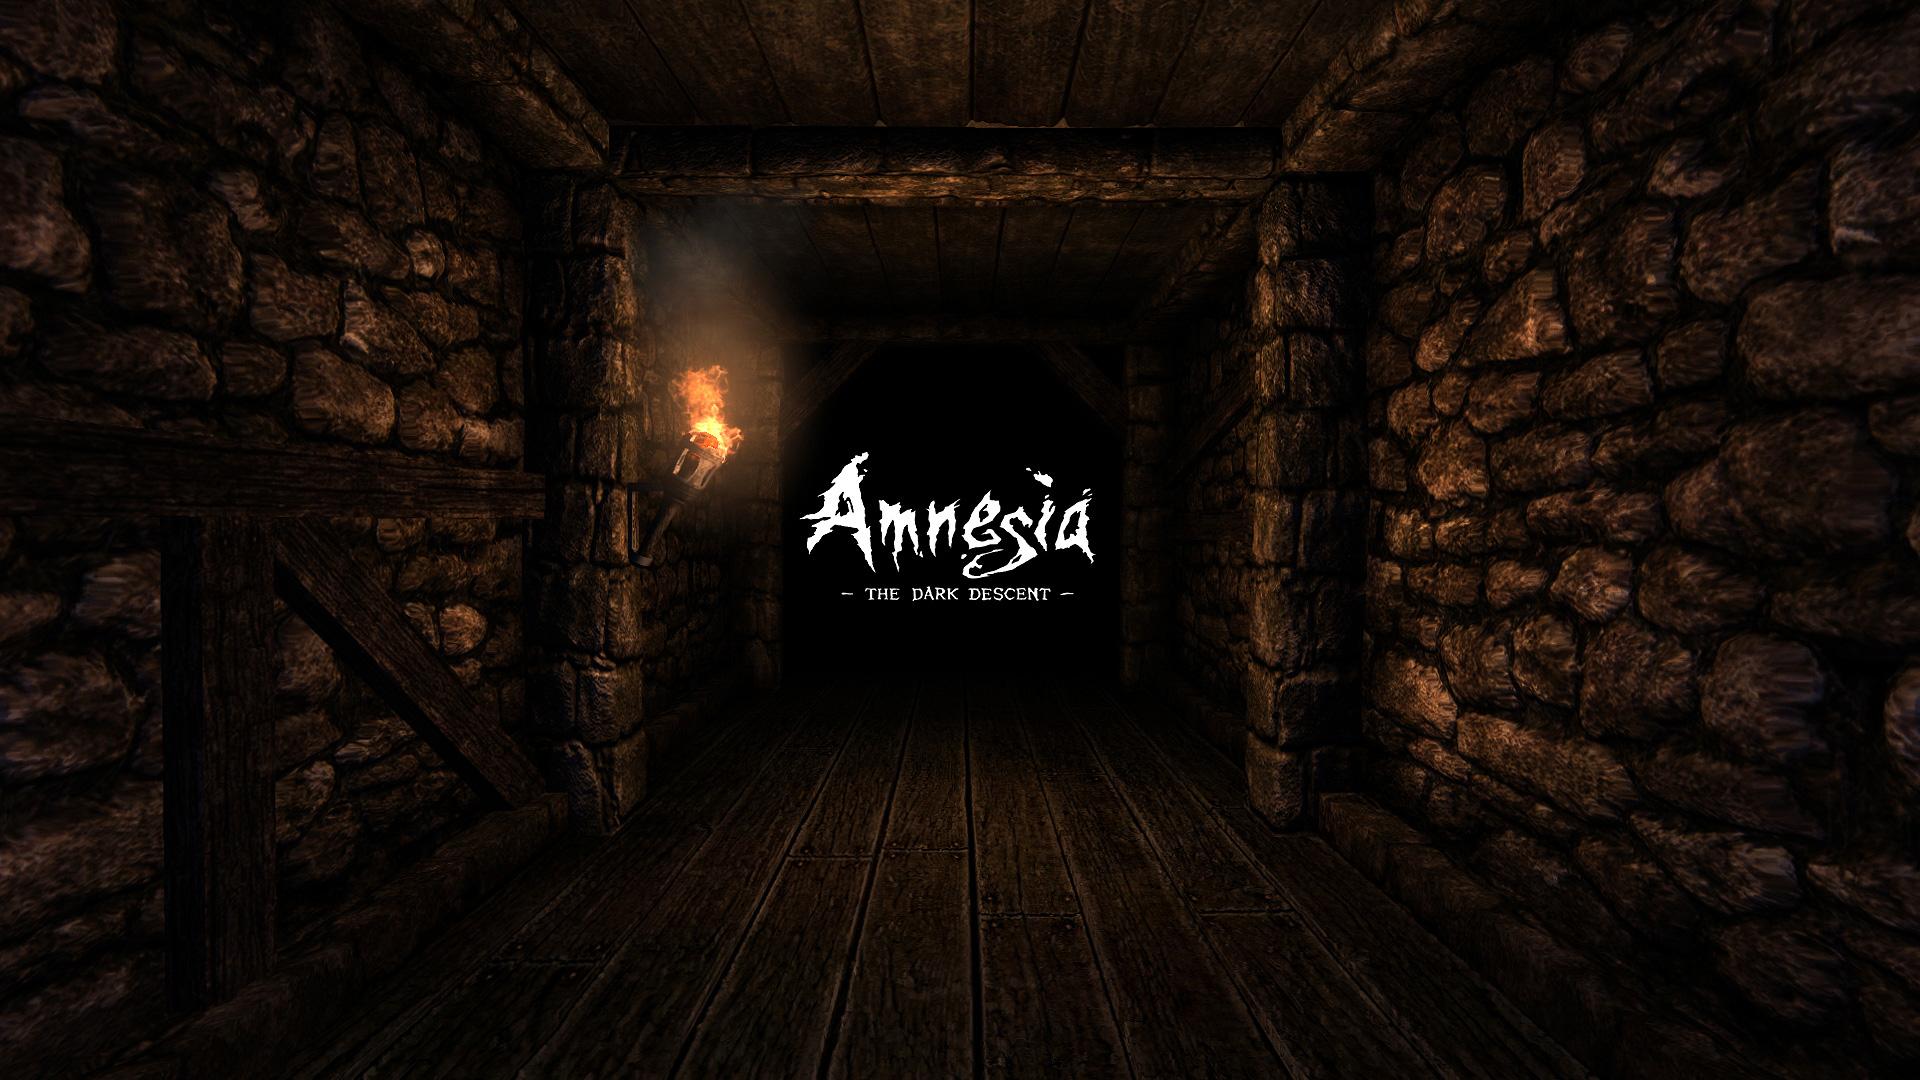 Free Amnesia: The Dark Descent Wallpaper in 1920x1080